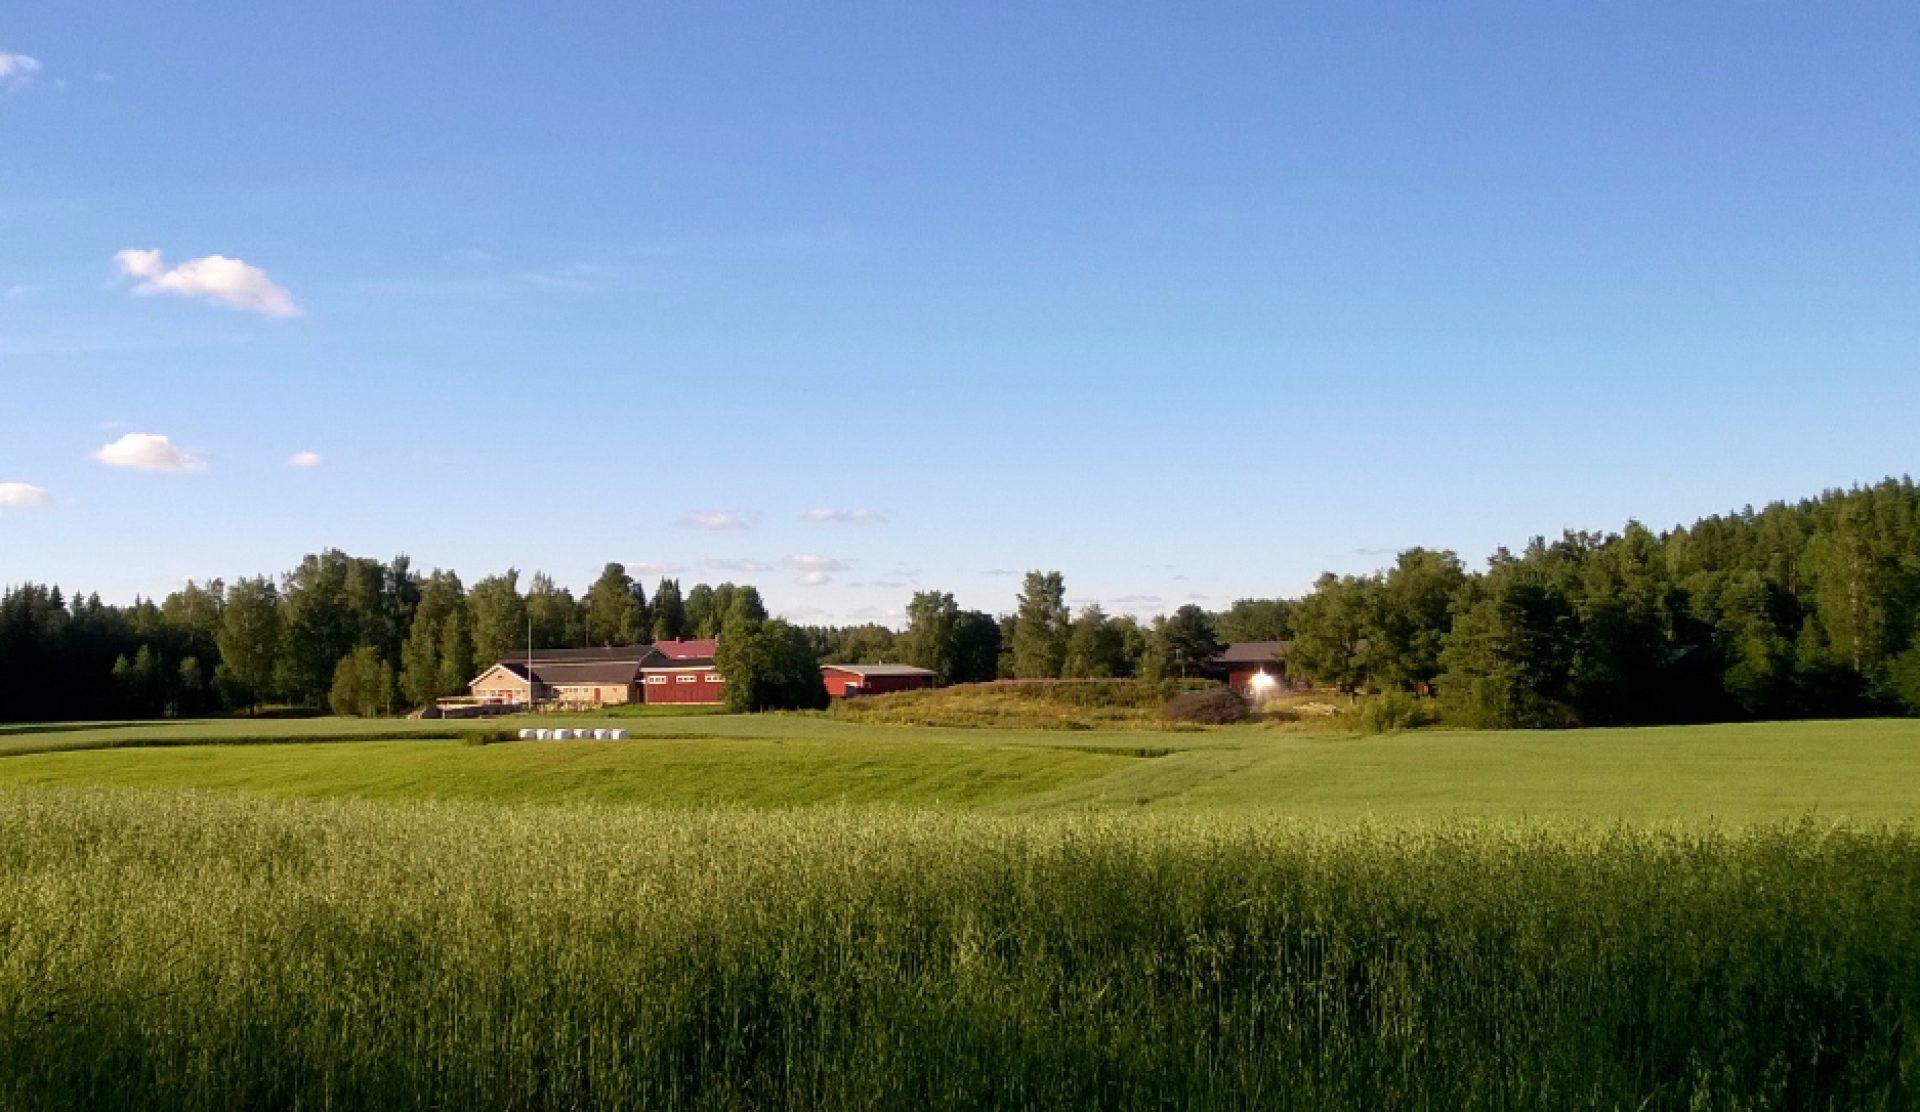 Könnölä Holiday Farm